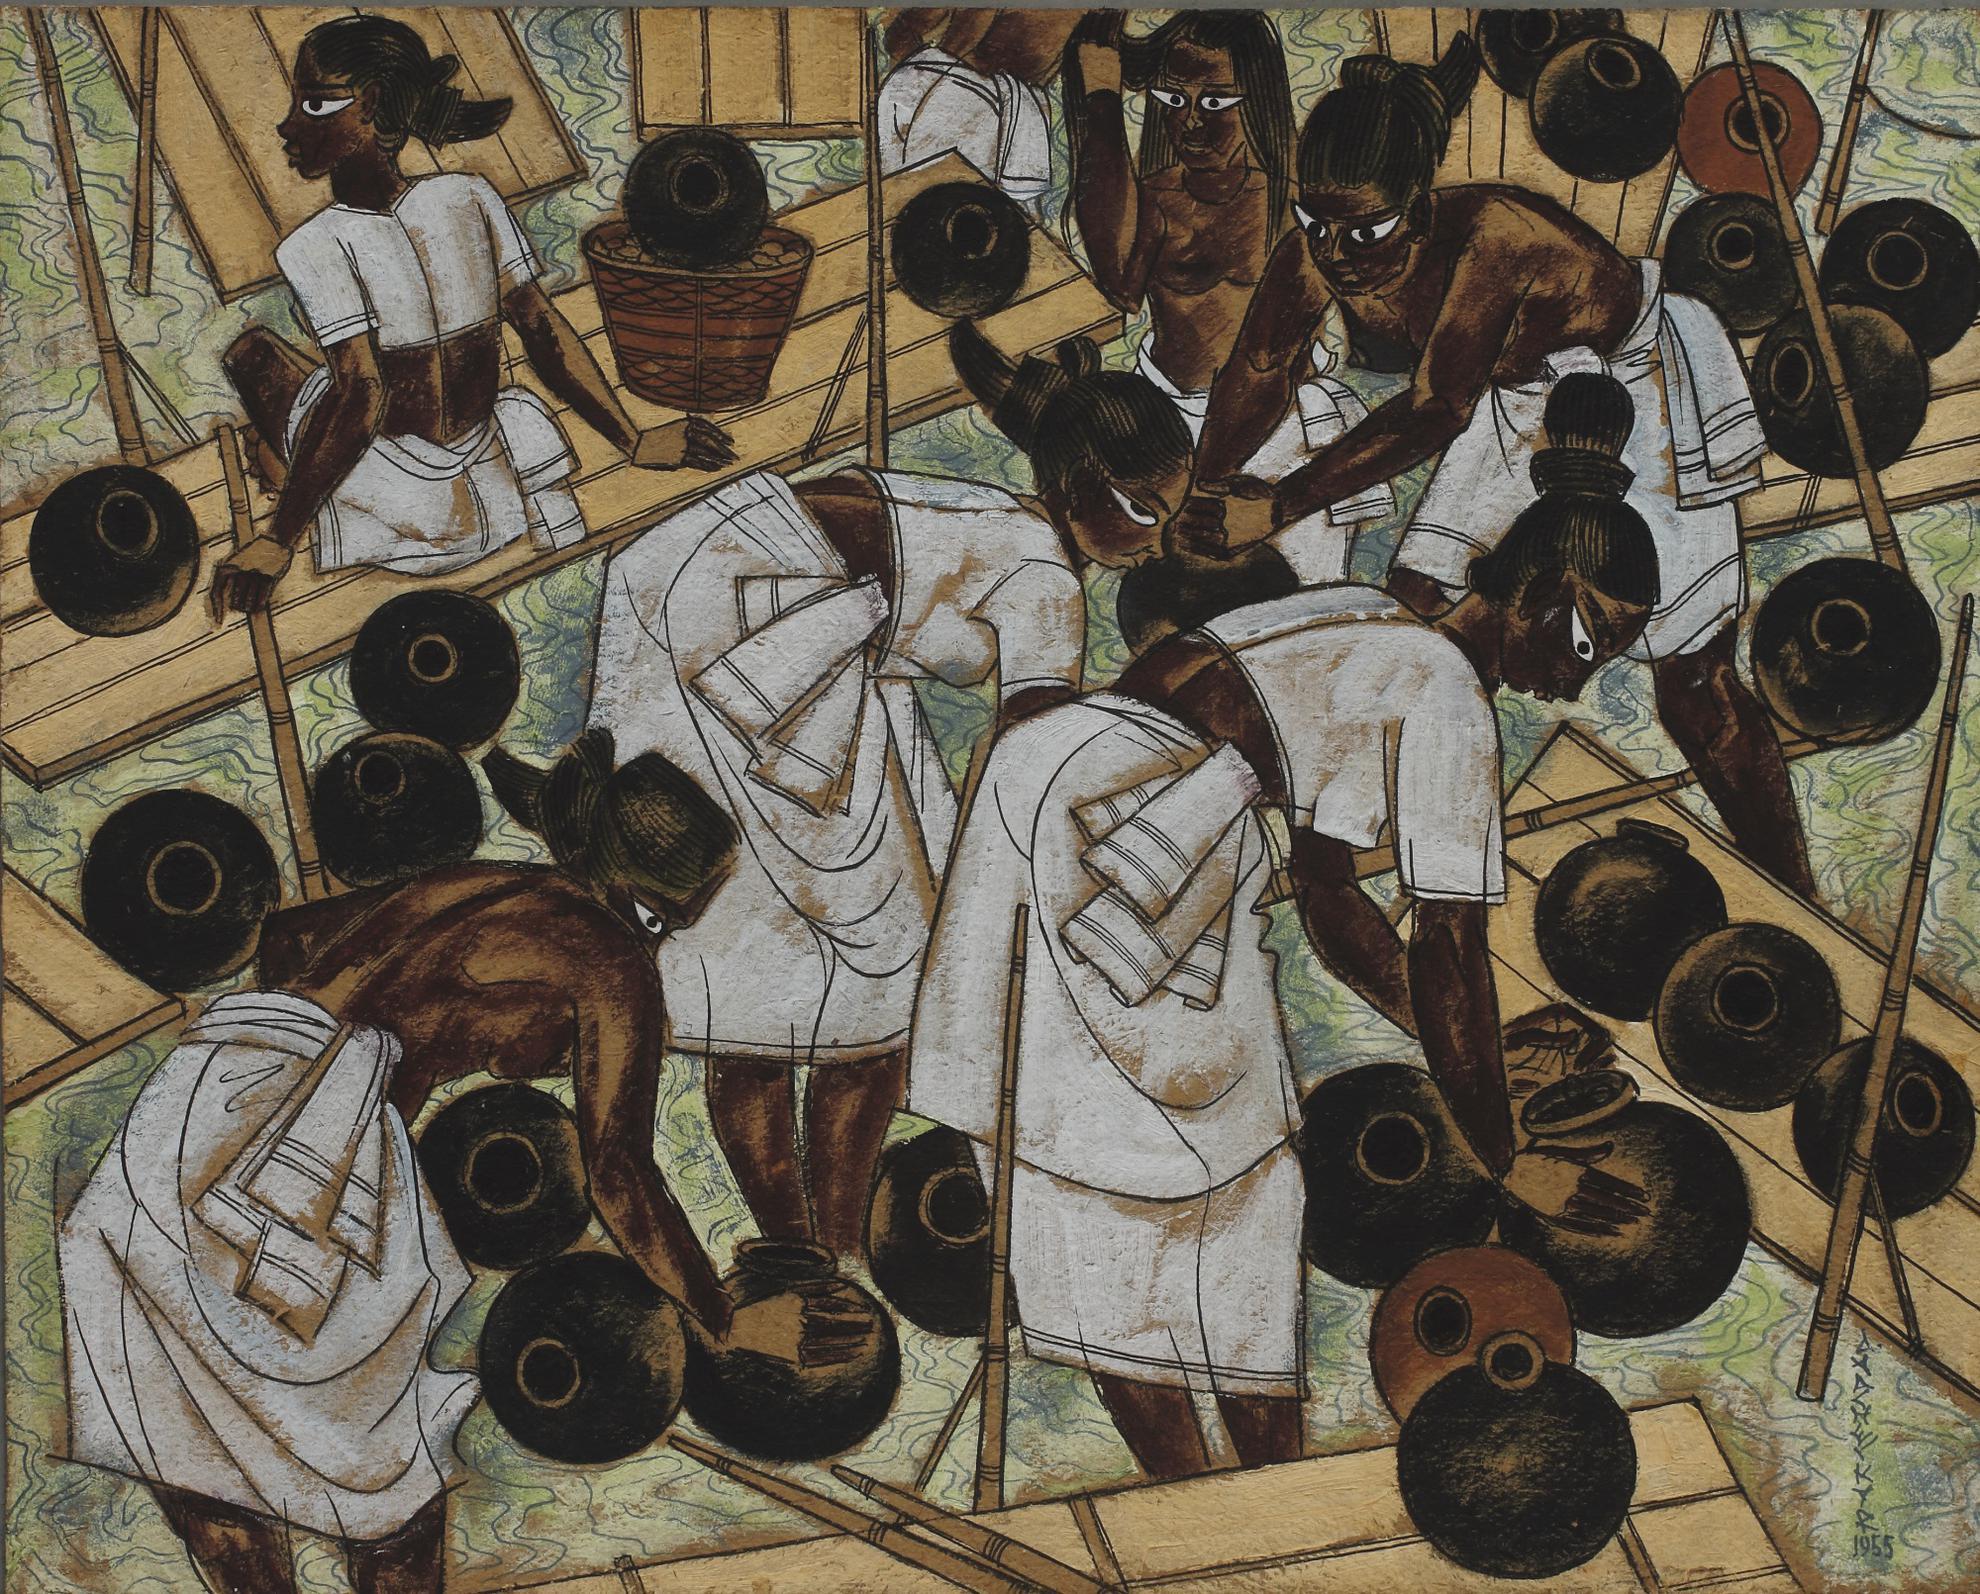 Abdulrahim Apabhai Almelkar - Sorting The Fish-1955